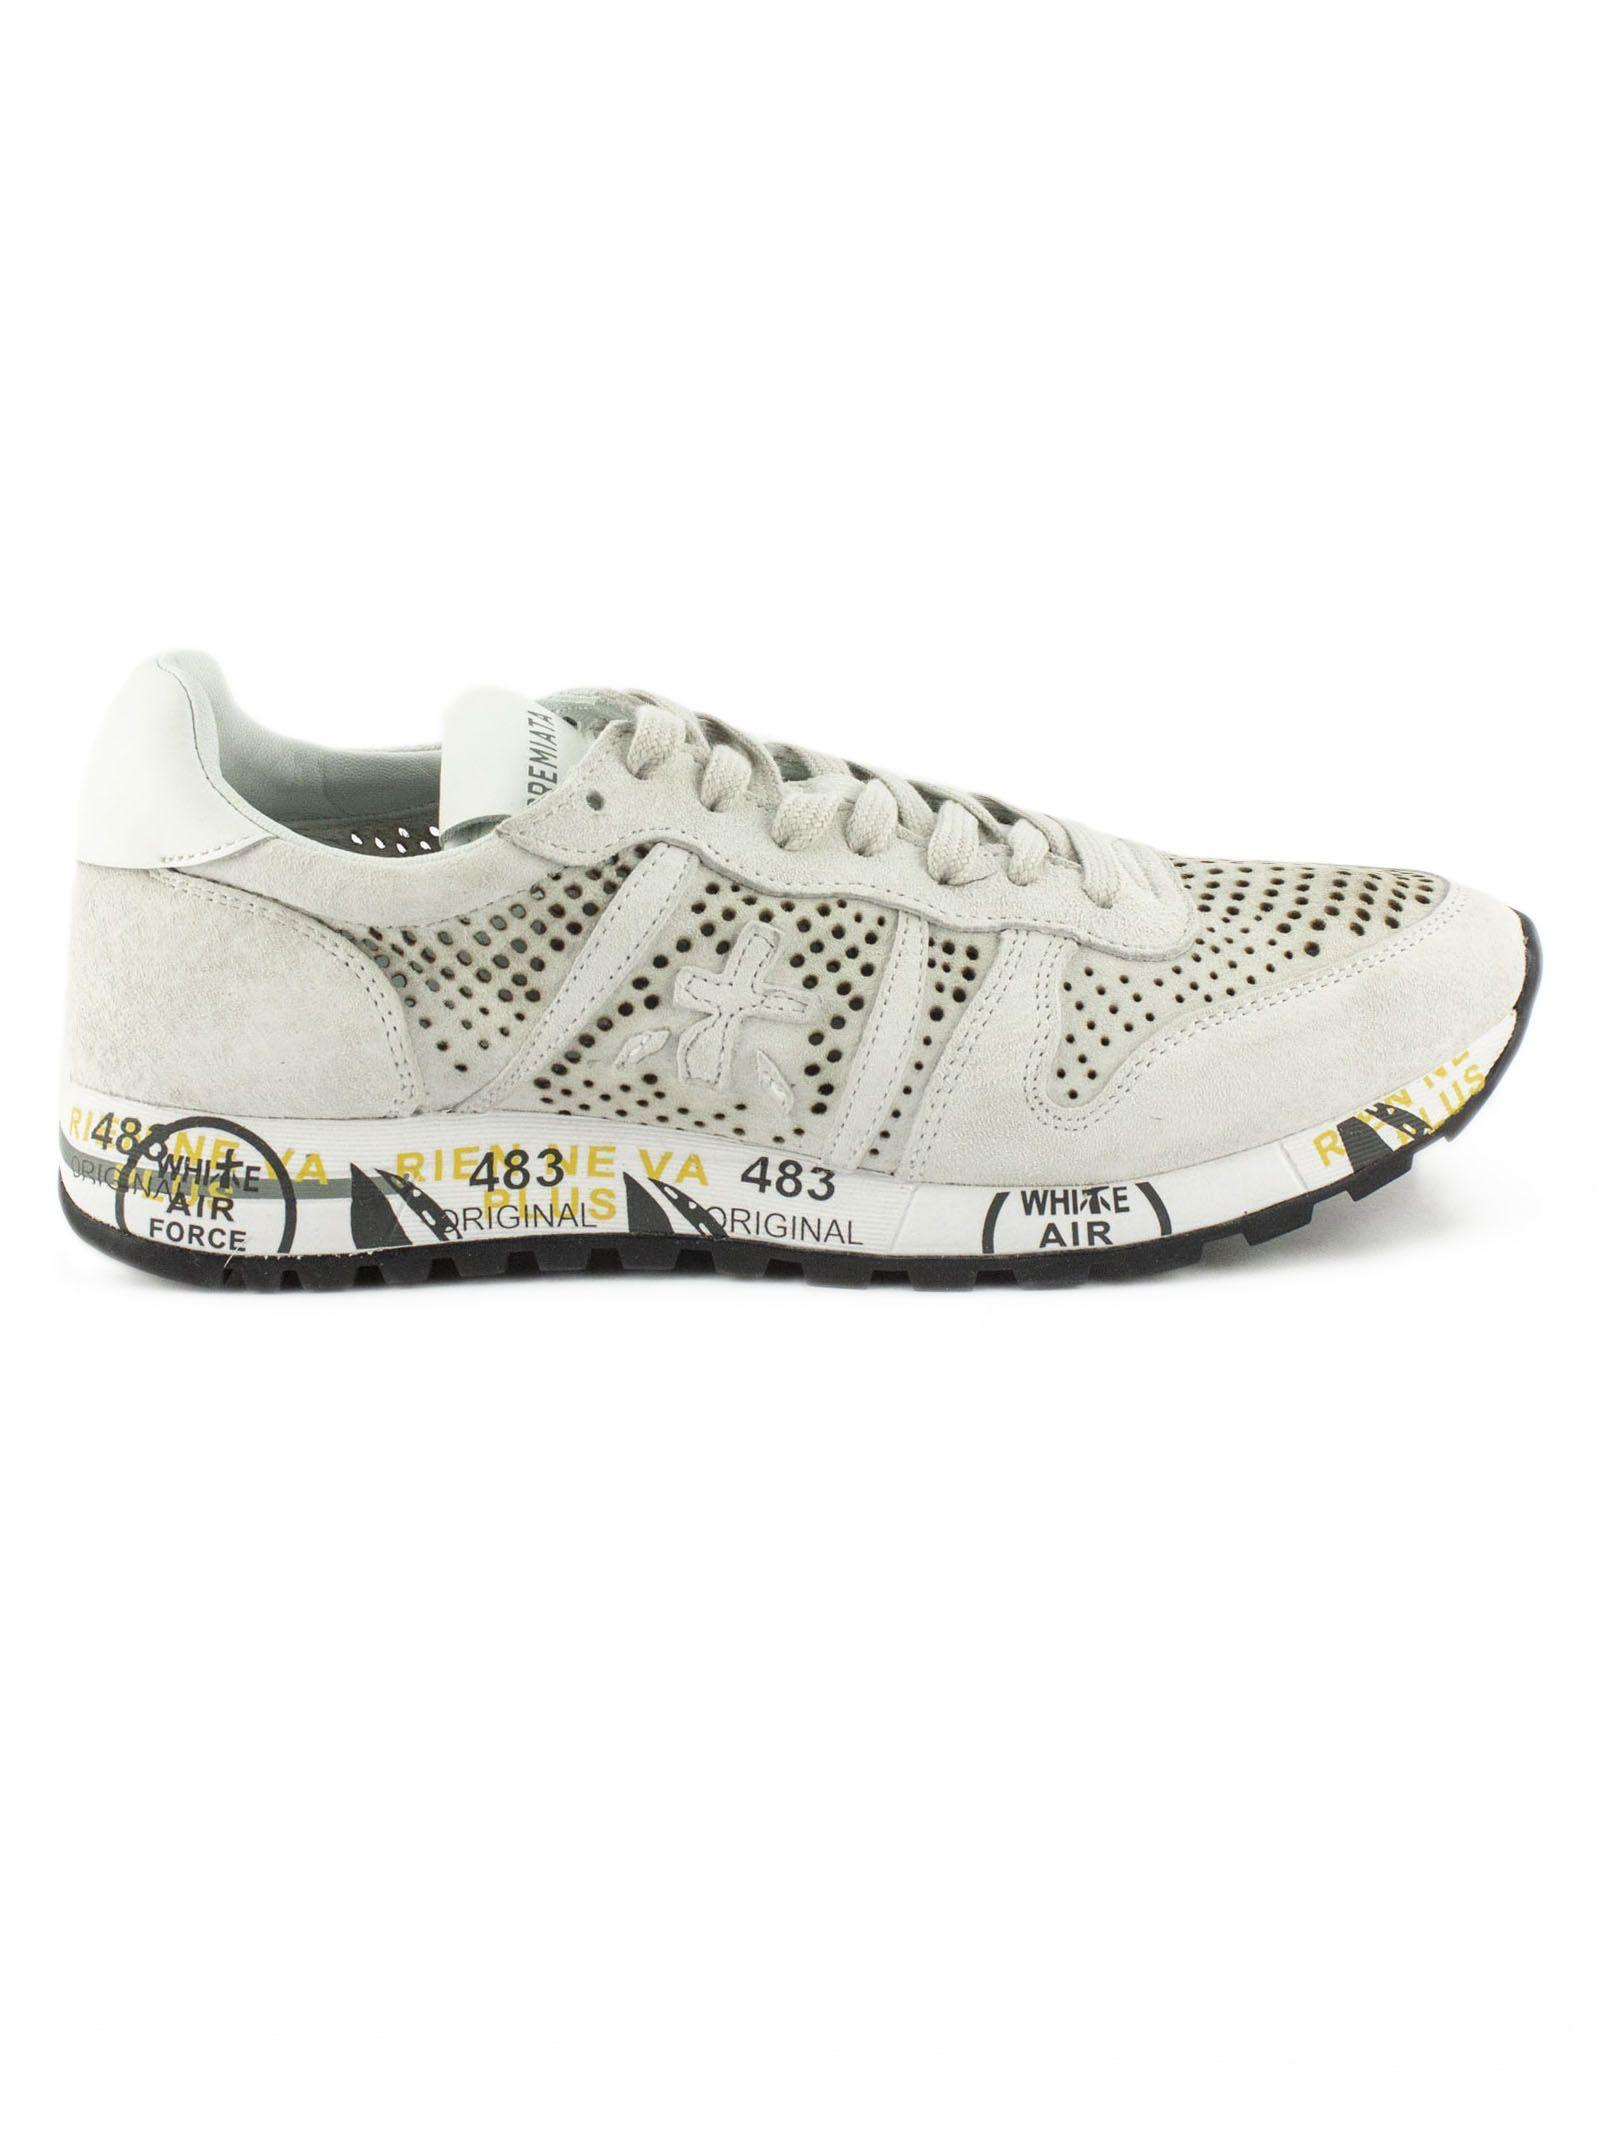 Beige Premiata Eric Sneaker Suede Upperpremiatashoes In nOvmNPy80w